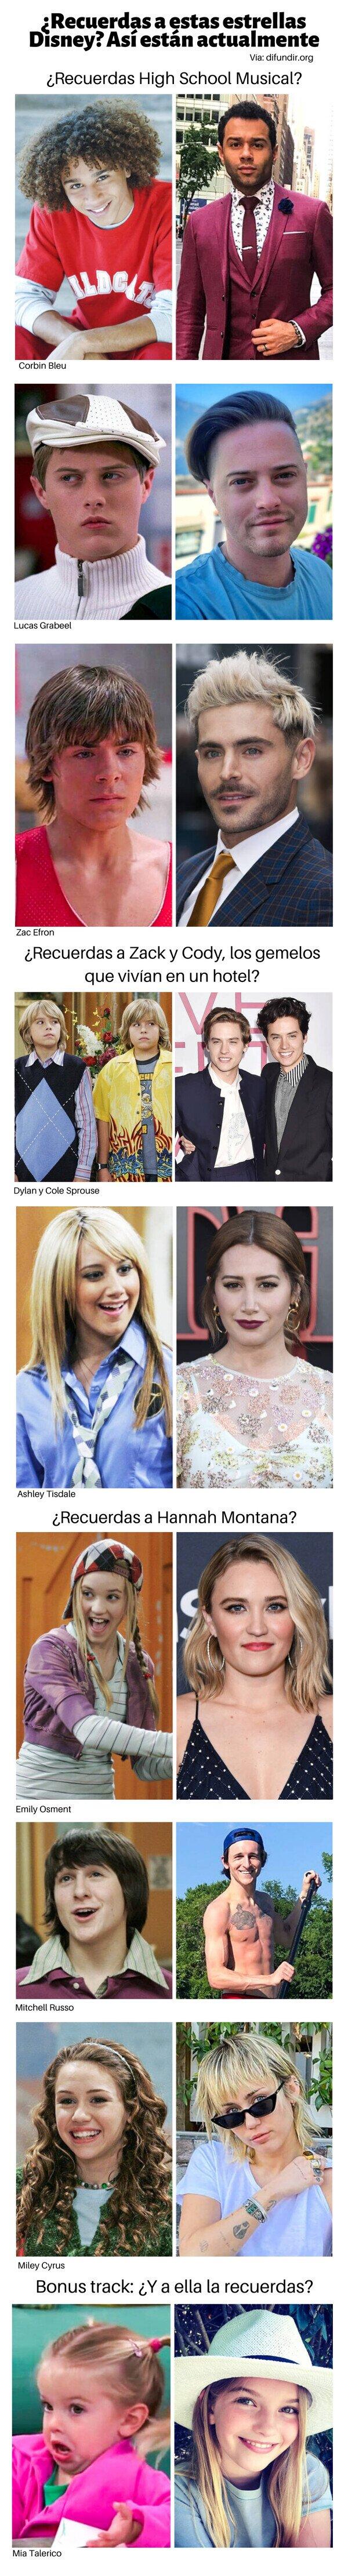 Meme_otros - ¿Recuerdas a estas estrellas Disney? Así están actualmente